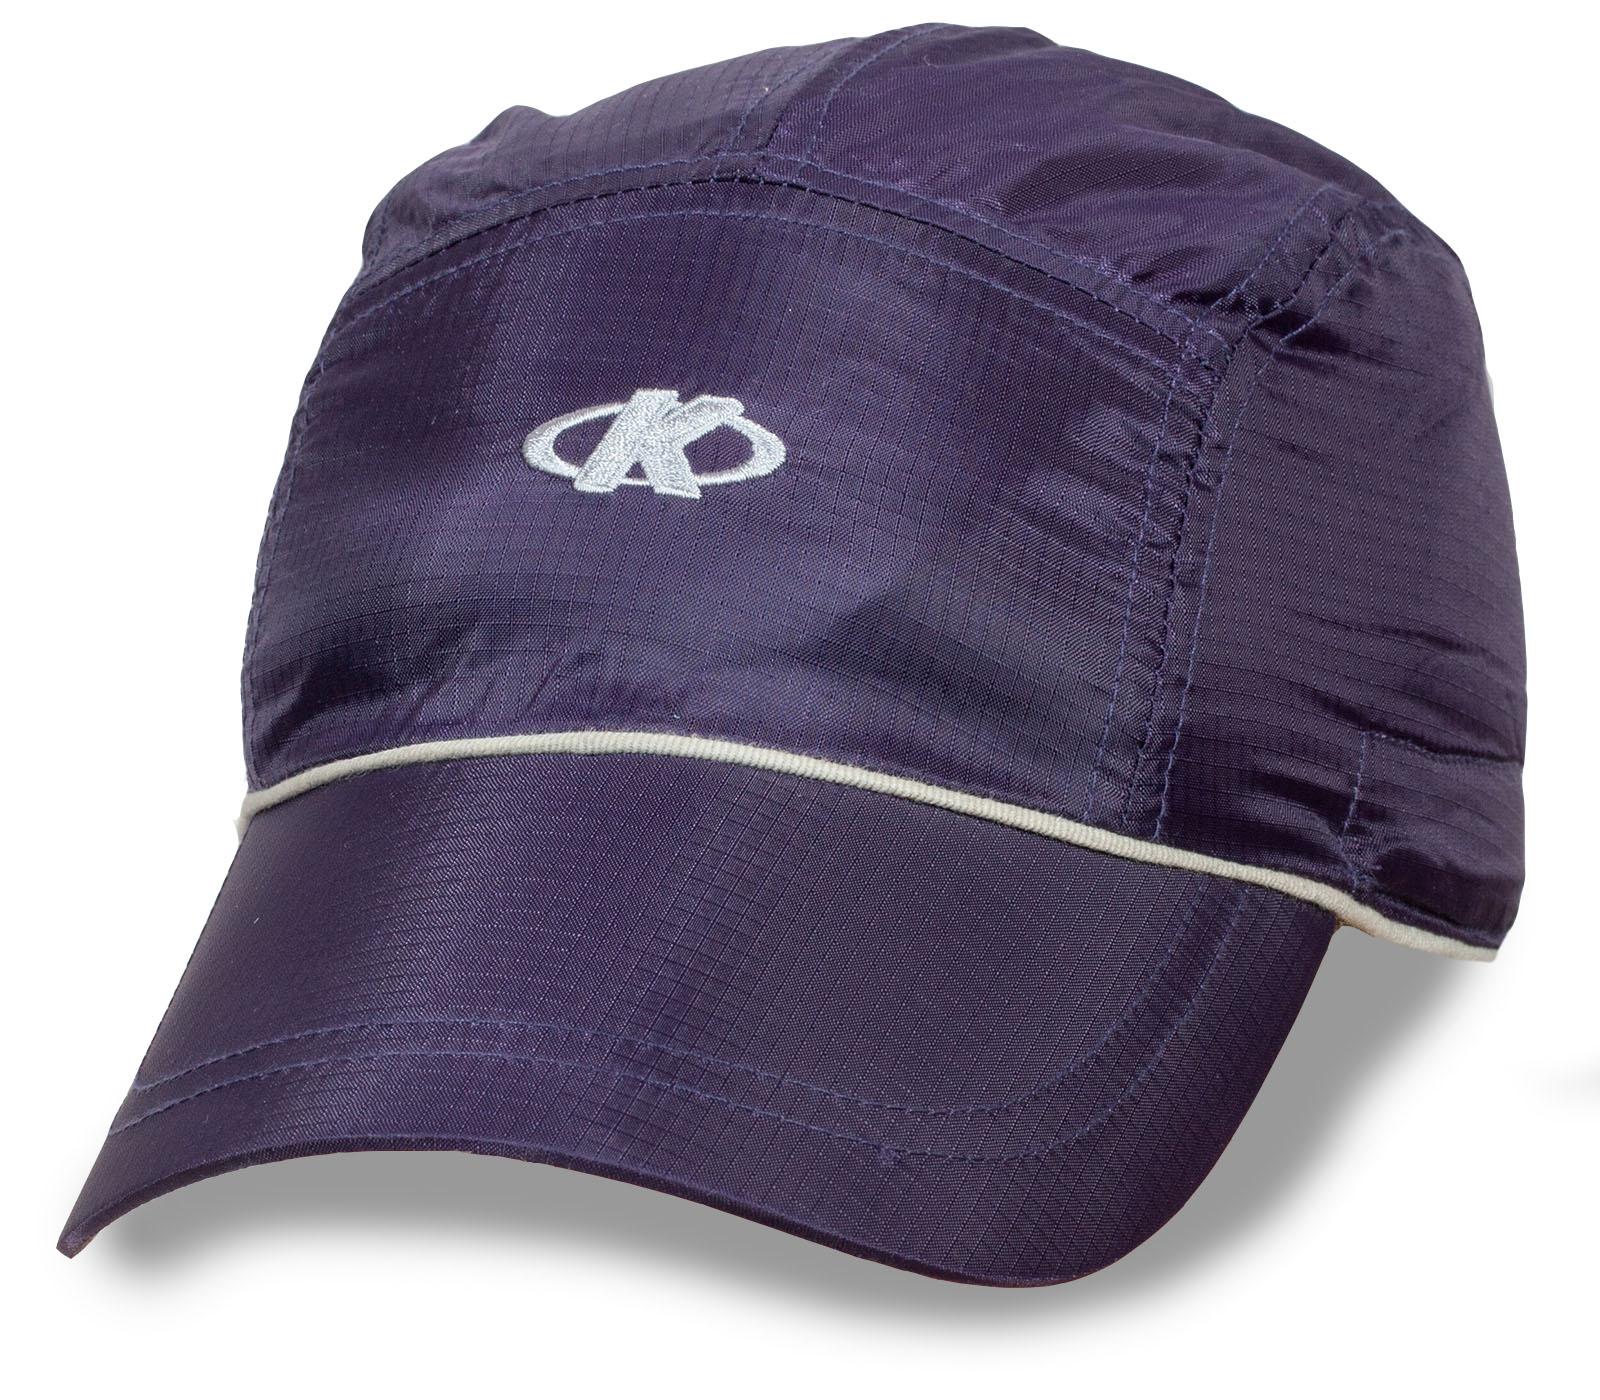 Мода и практичность - 2 в 1! Универсальная кепка удобна и ВСЕГДА уместна. Заказывайте по самой выгодной цене!